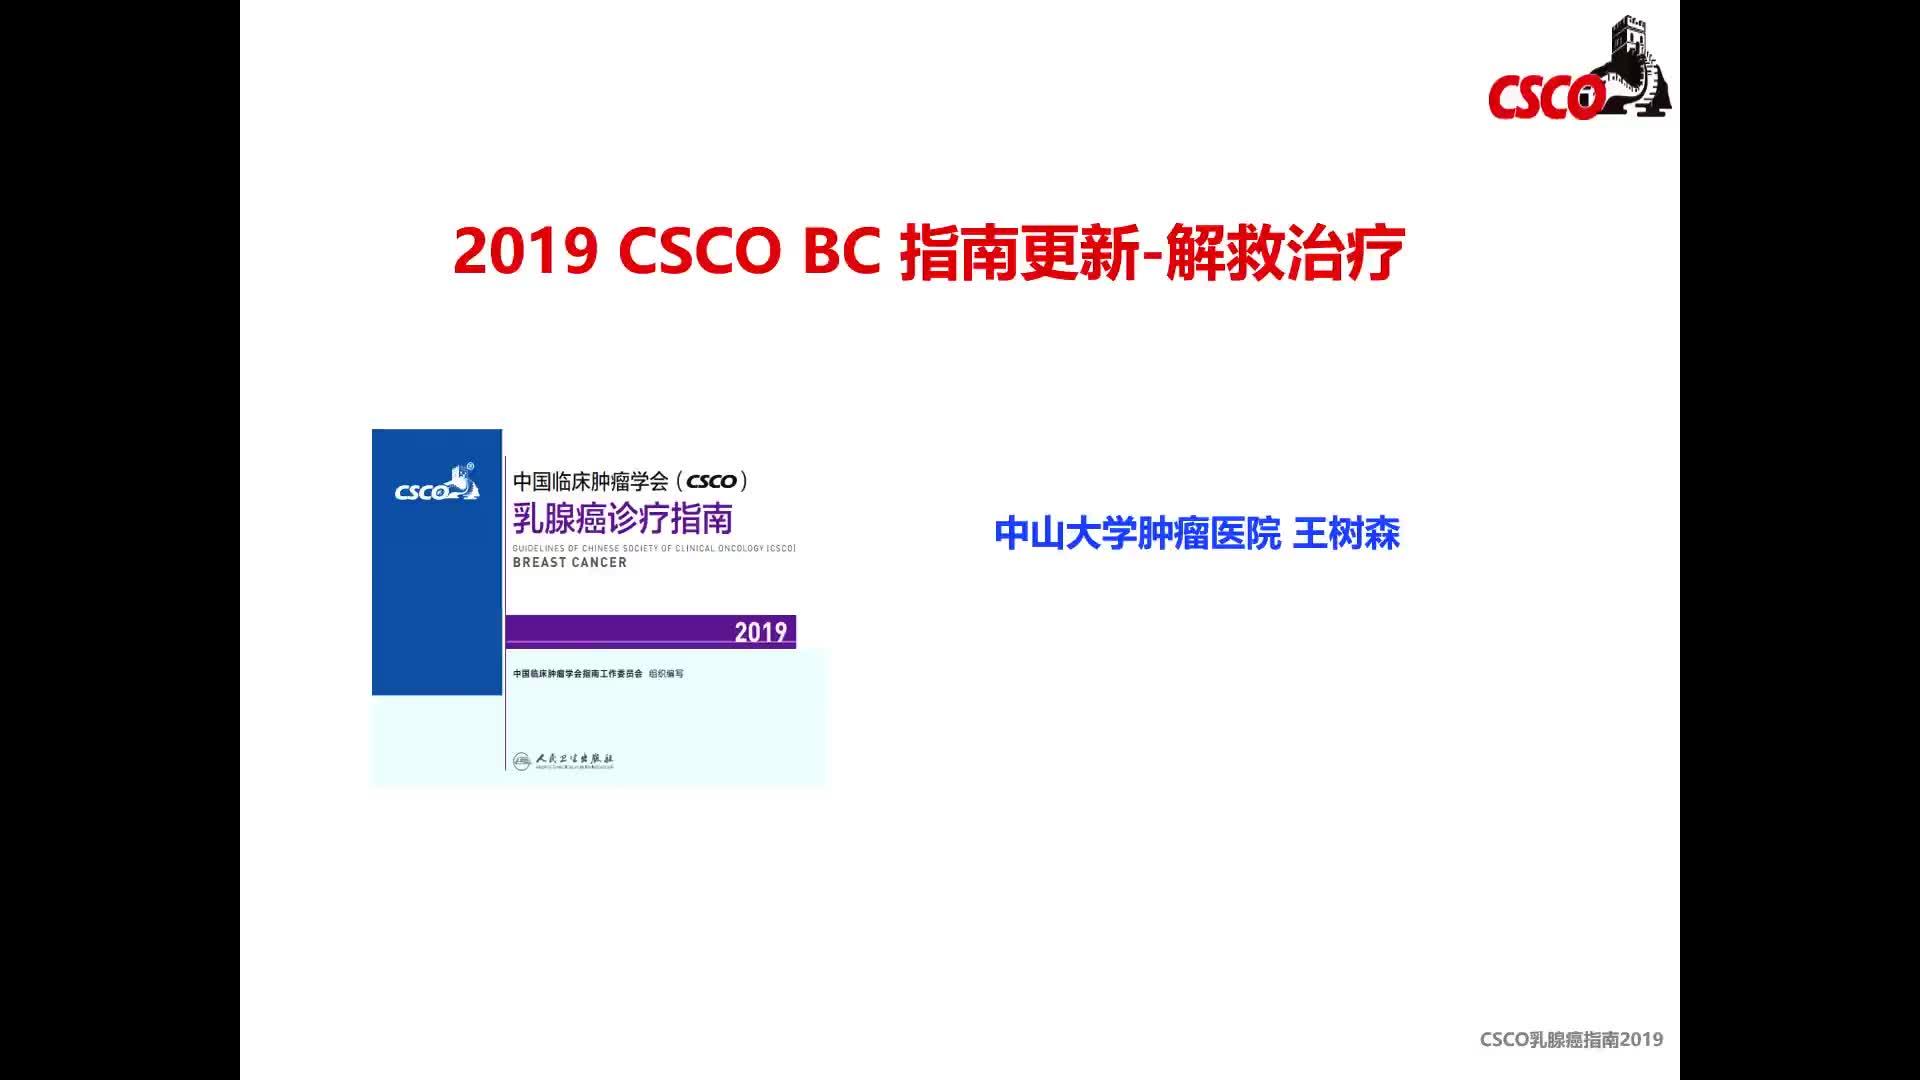 2019 CSCO BC指南更新要点 - 解救治疗